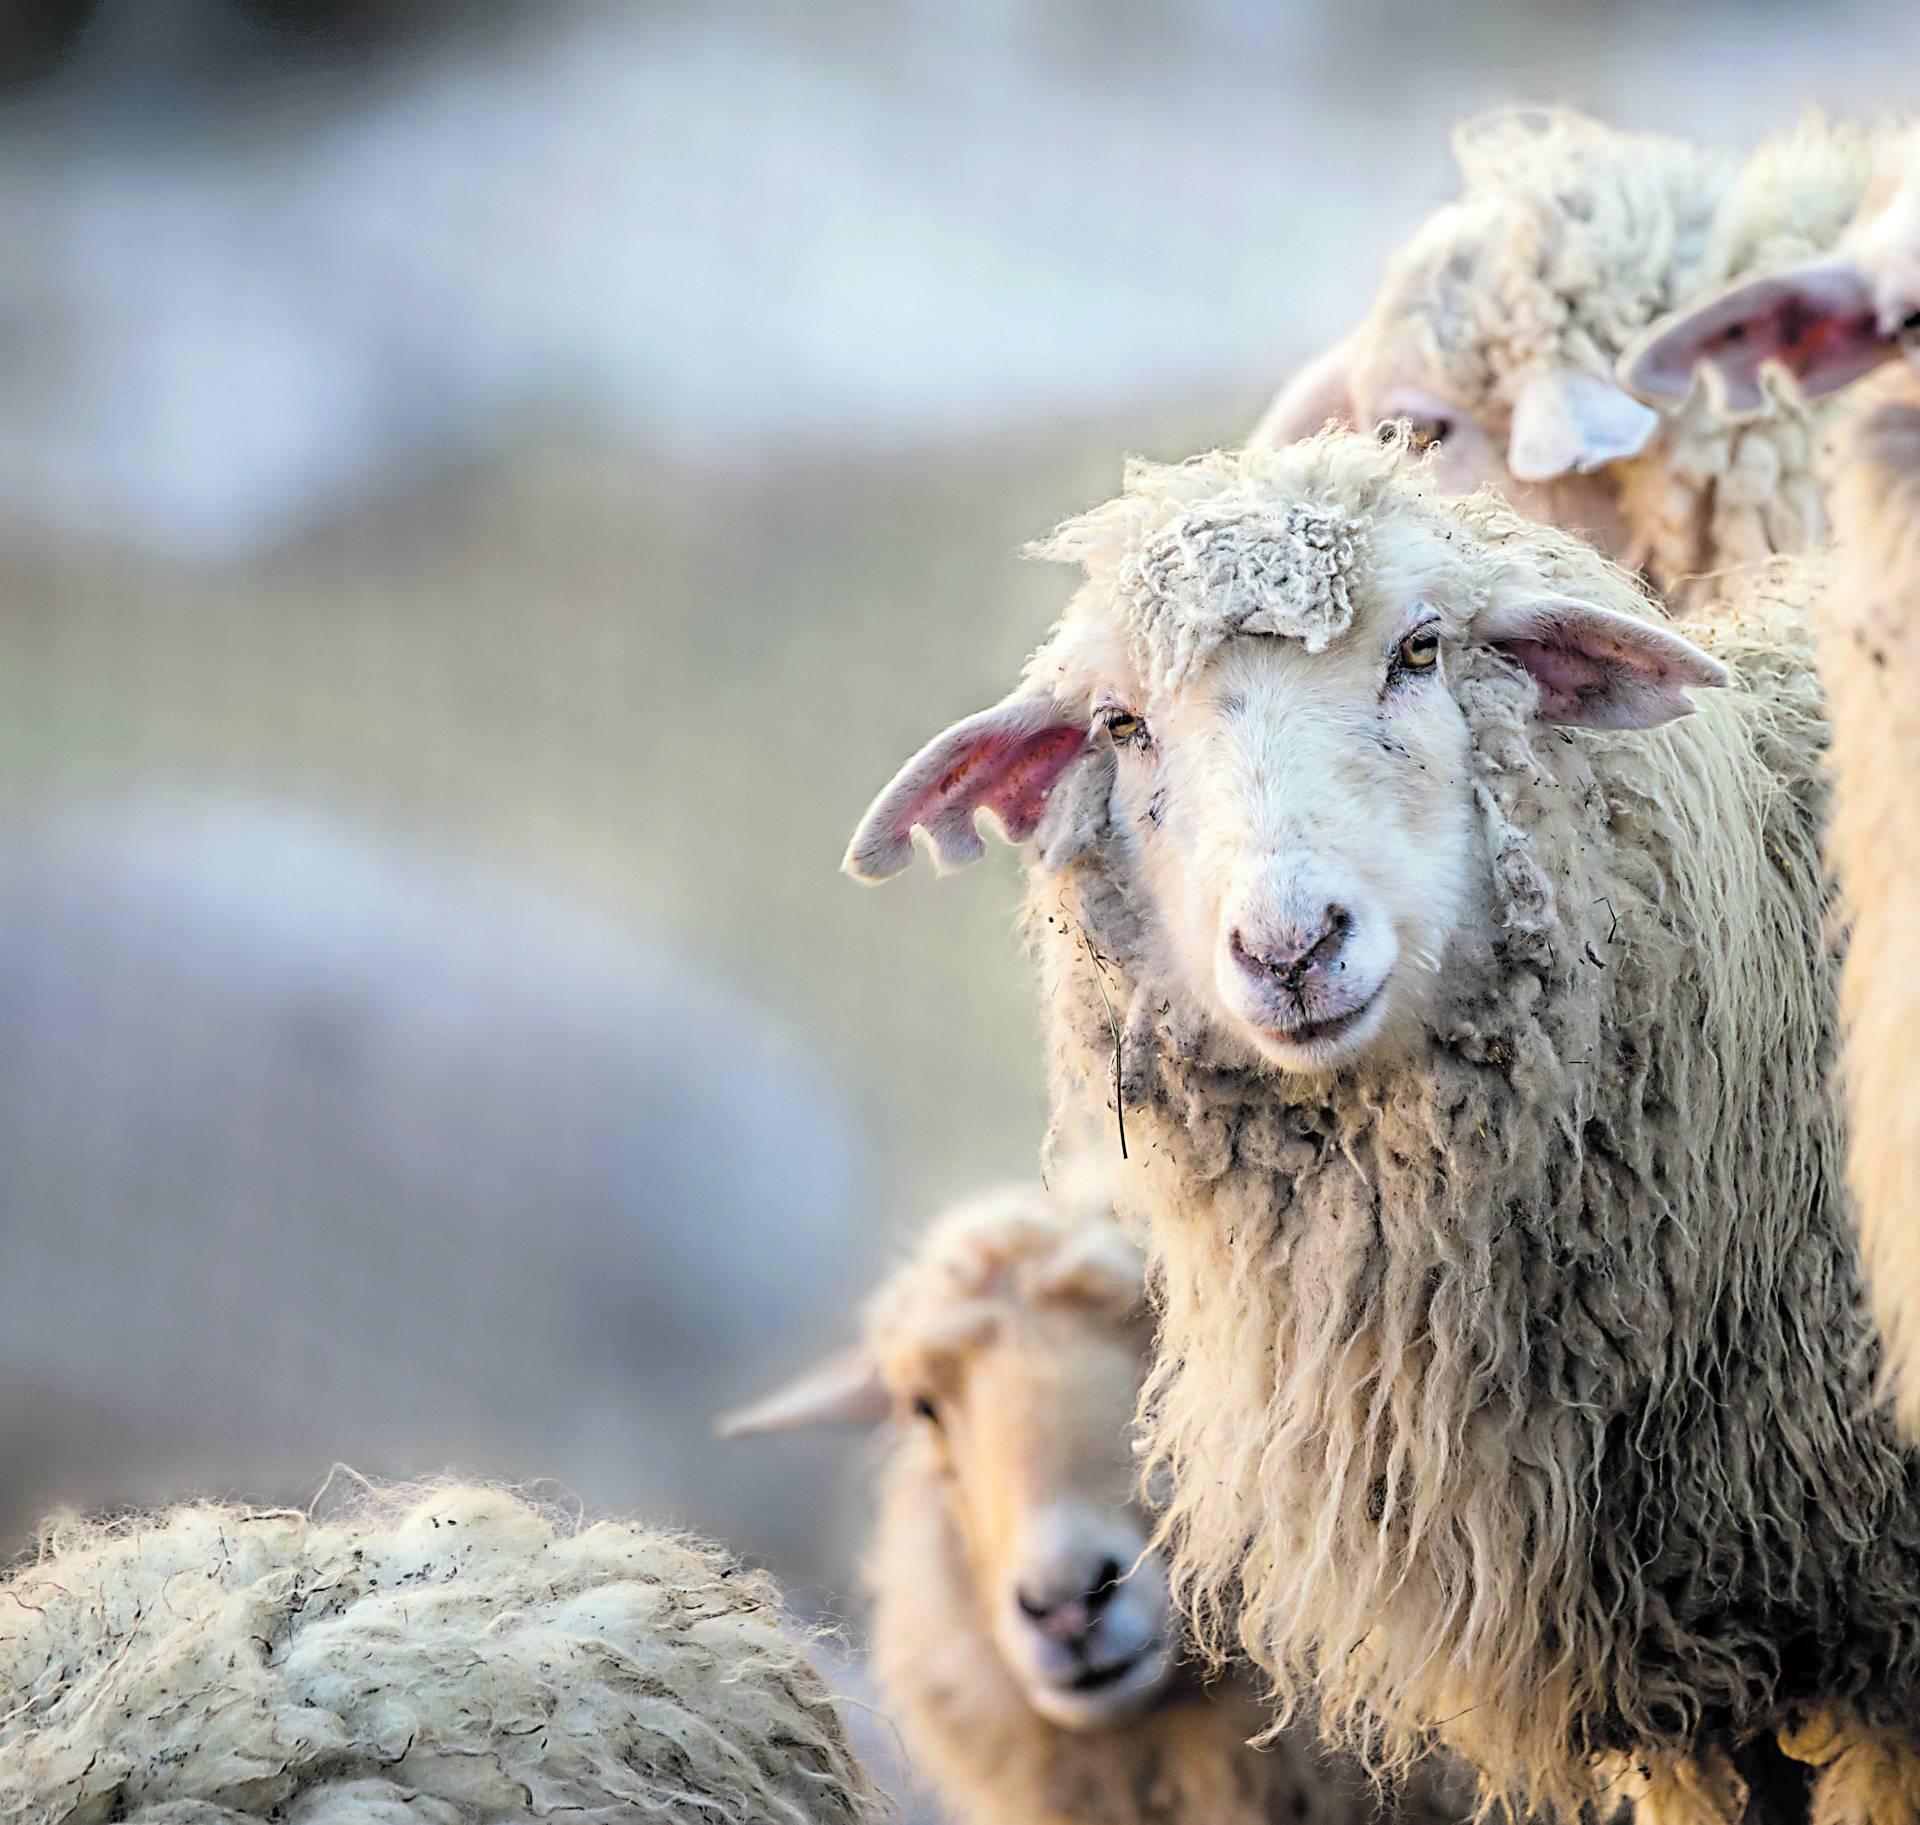 Lovački pas zaklao ovce pa ih vlasnik povješao po drveću